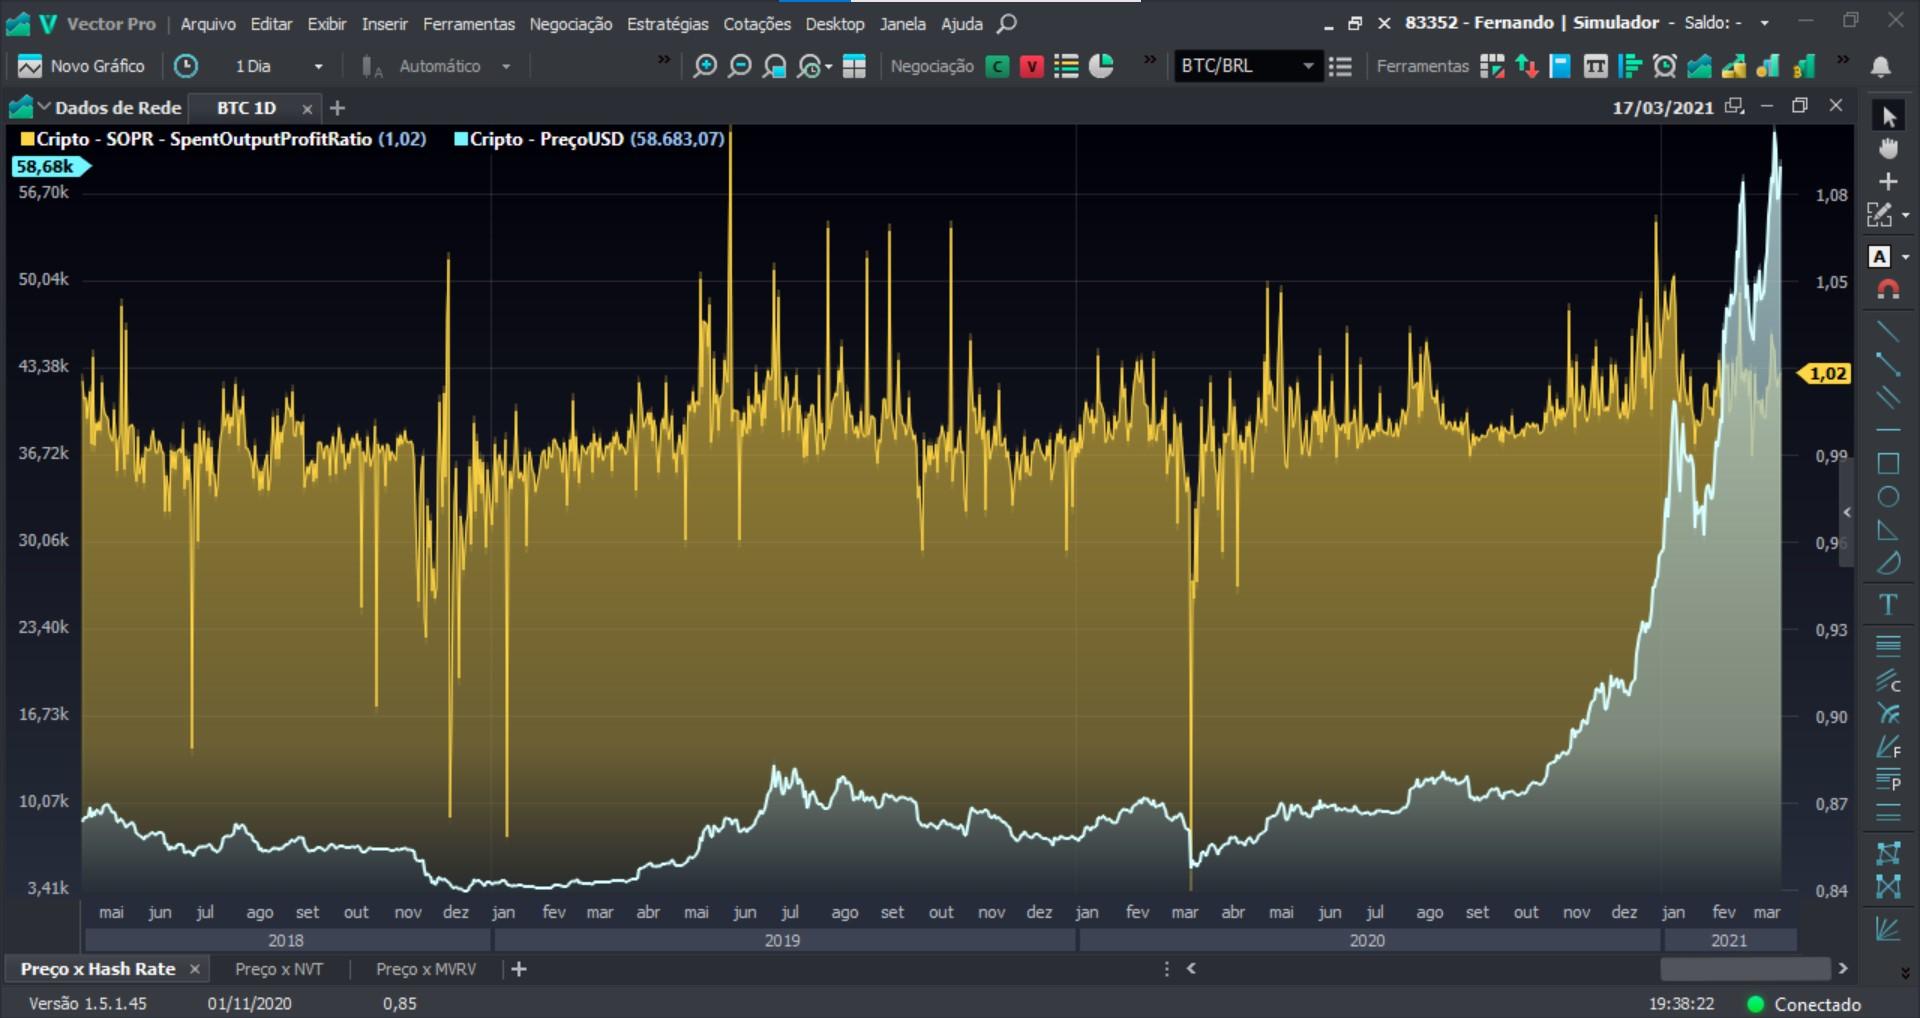 Spent Output Profit Ratio - Vector Pro